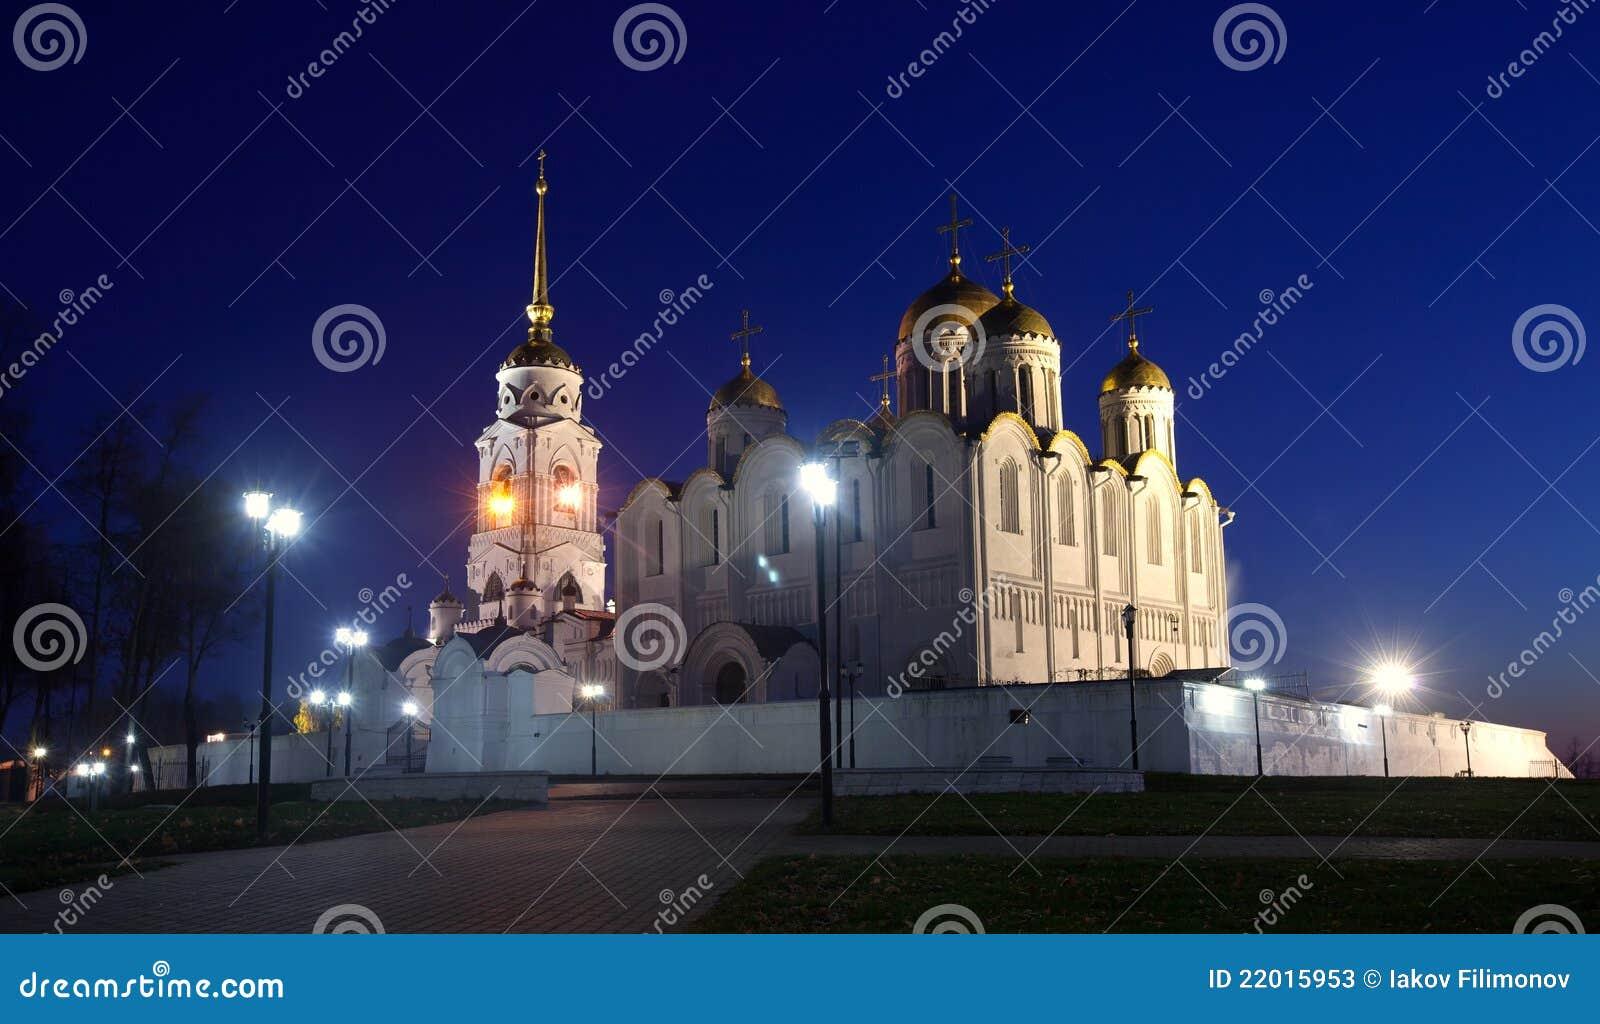 Catedral de la asunción en Vladimir en noche